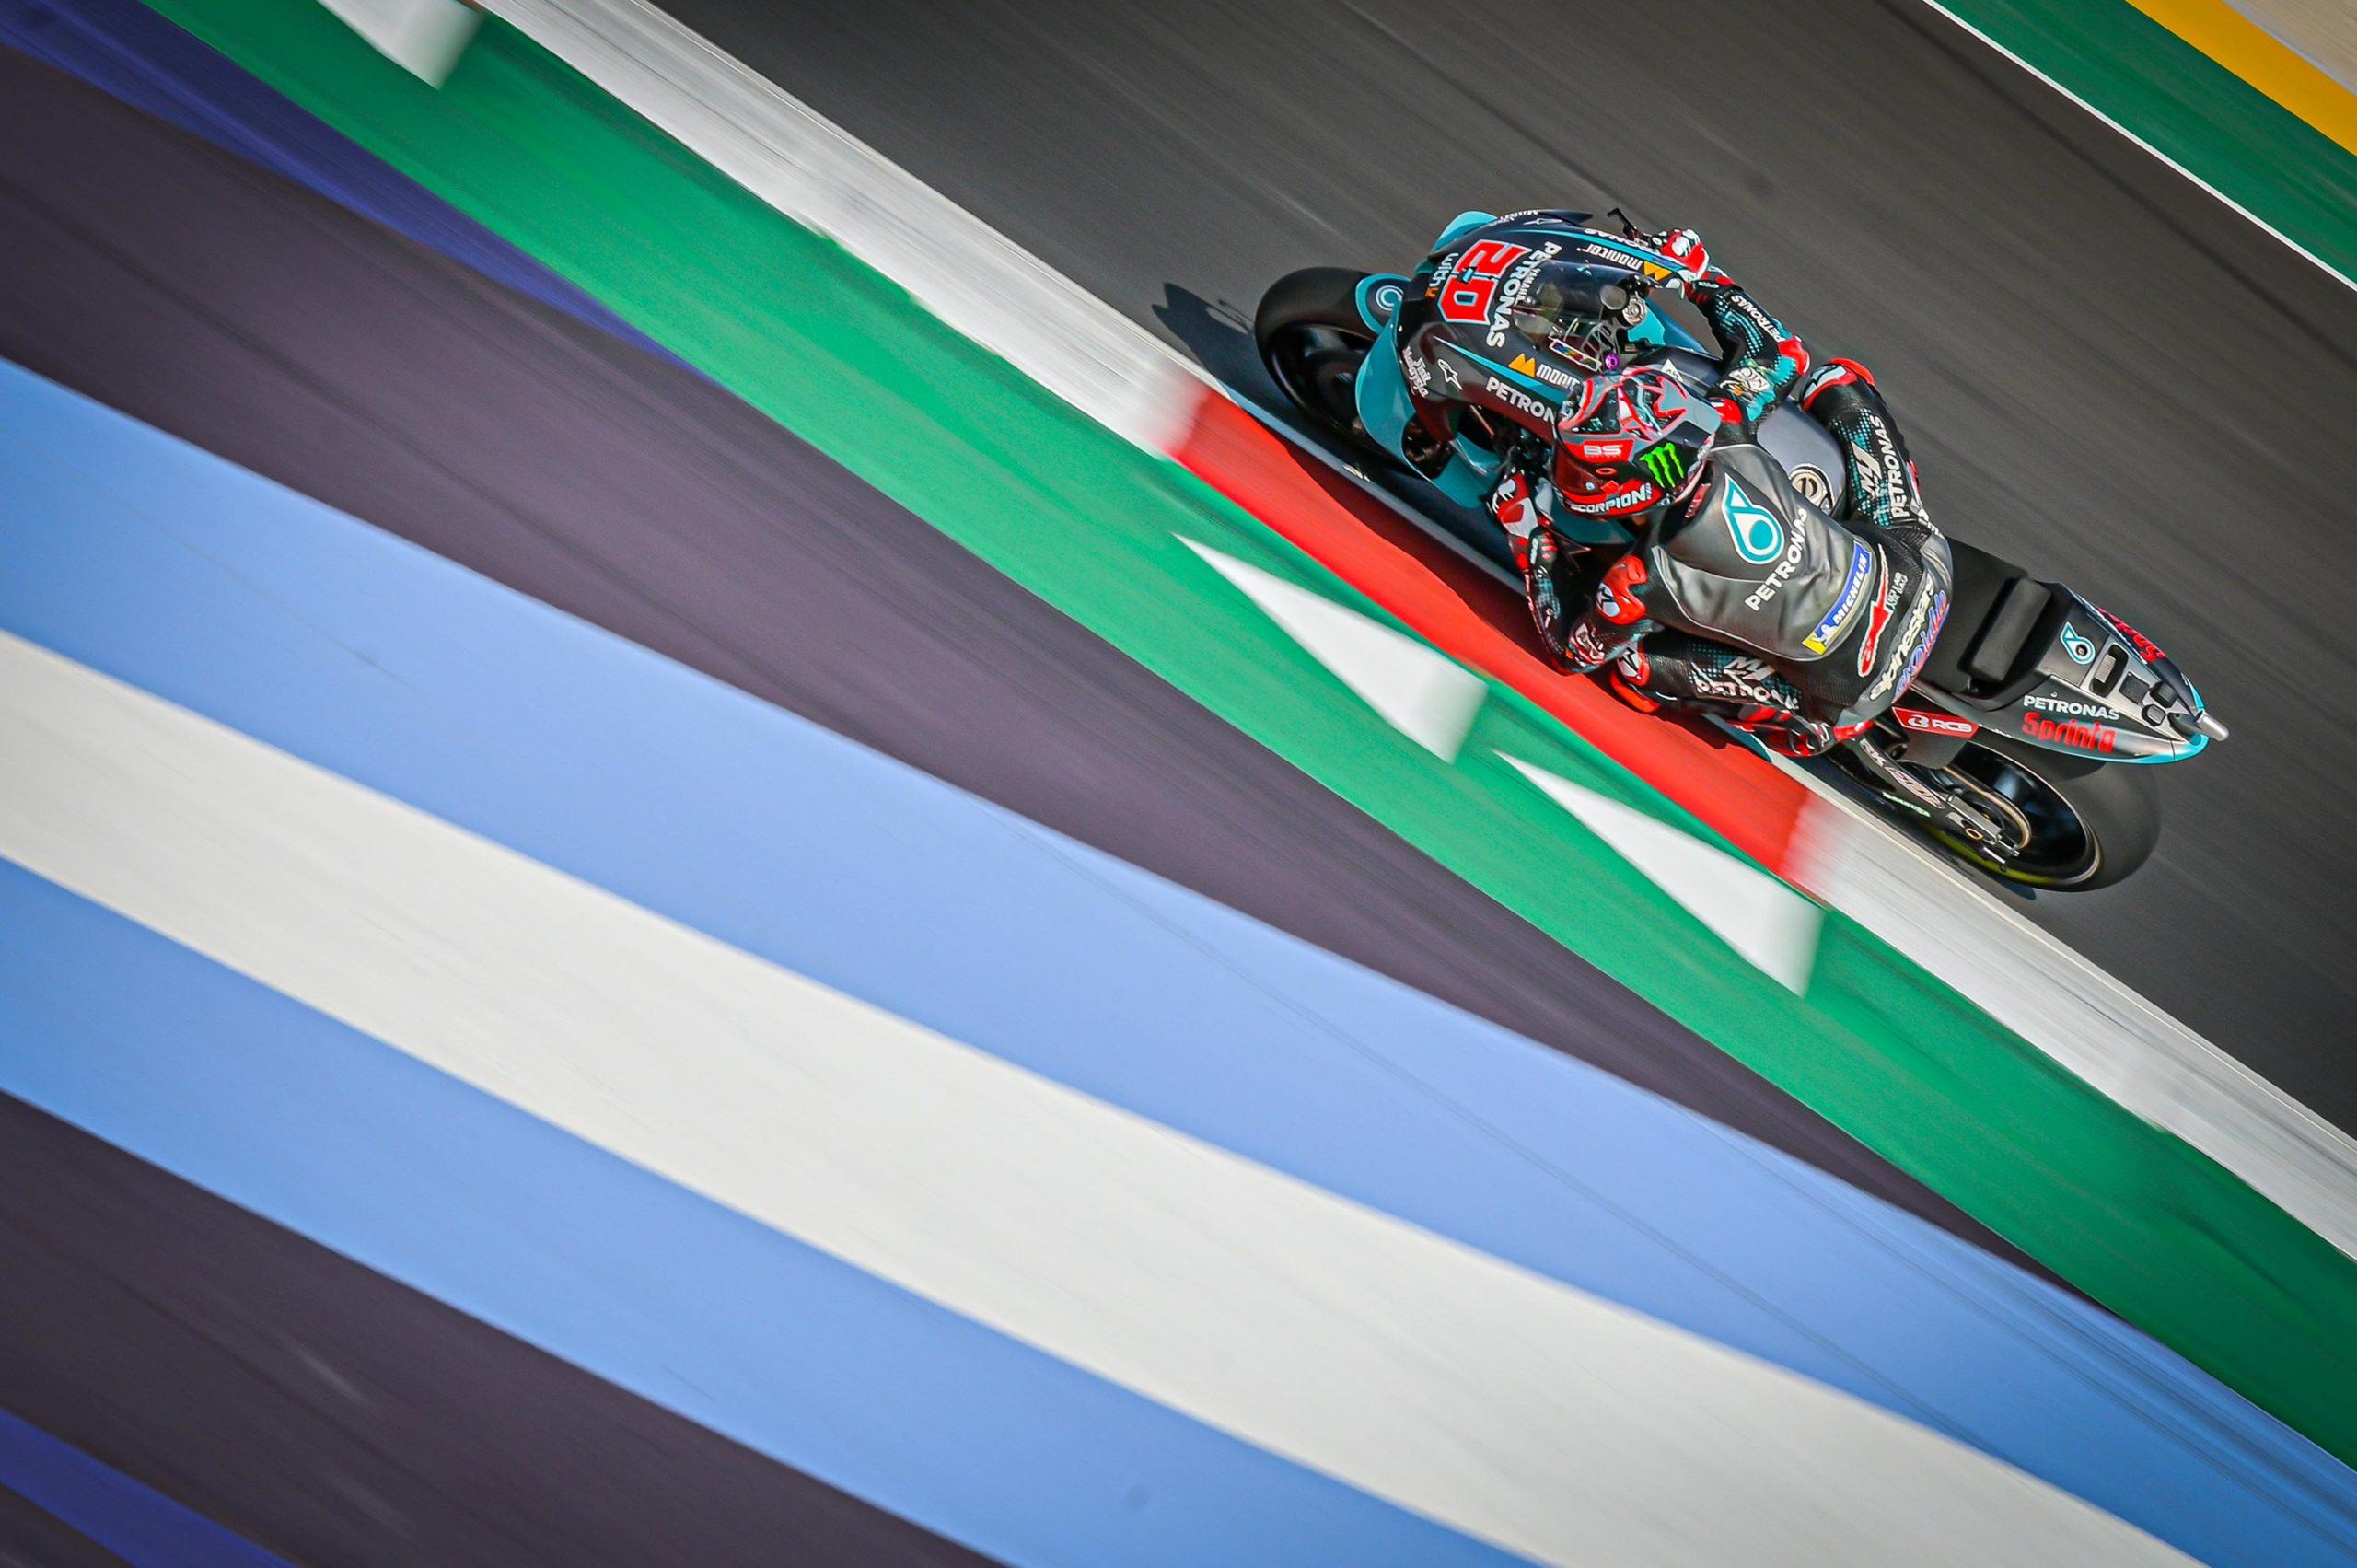 Остин и Аргентина исключены из календаря MotoGP на 2021 год